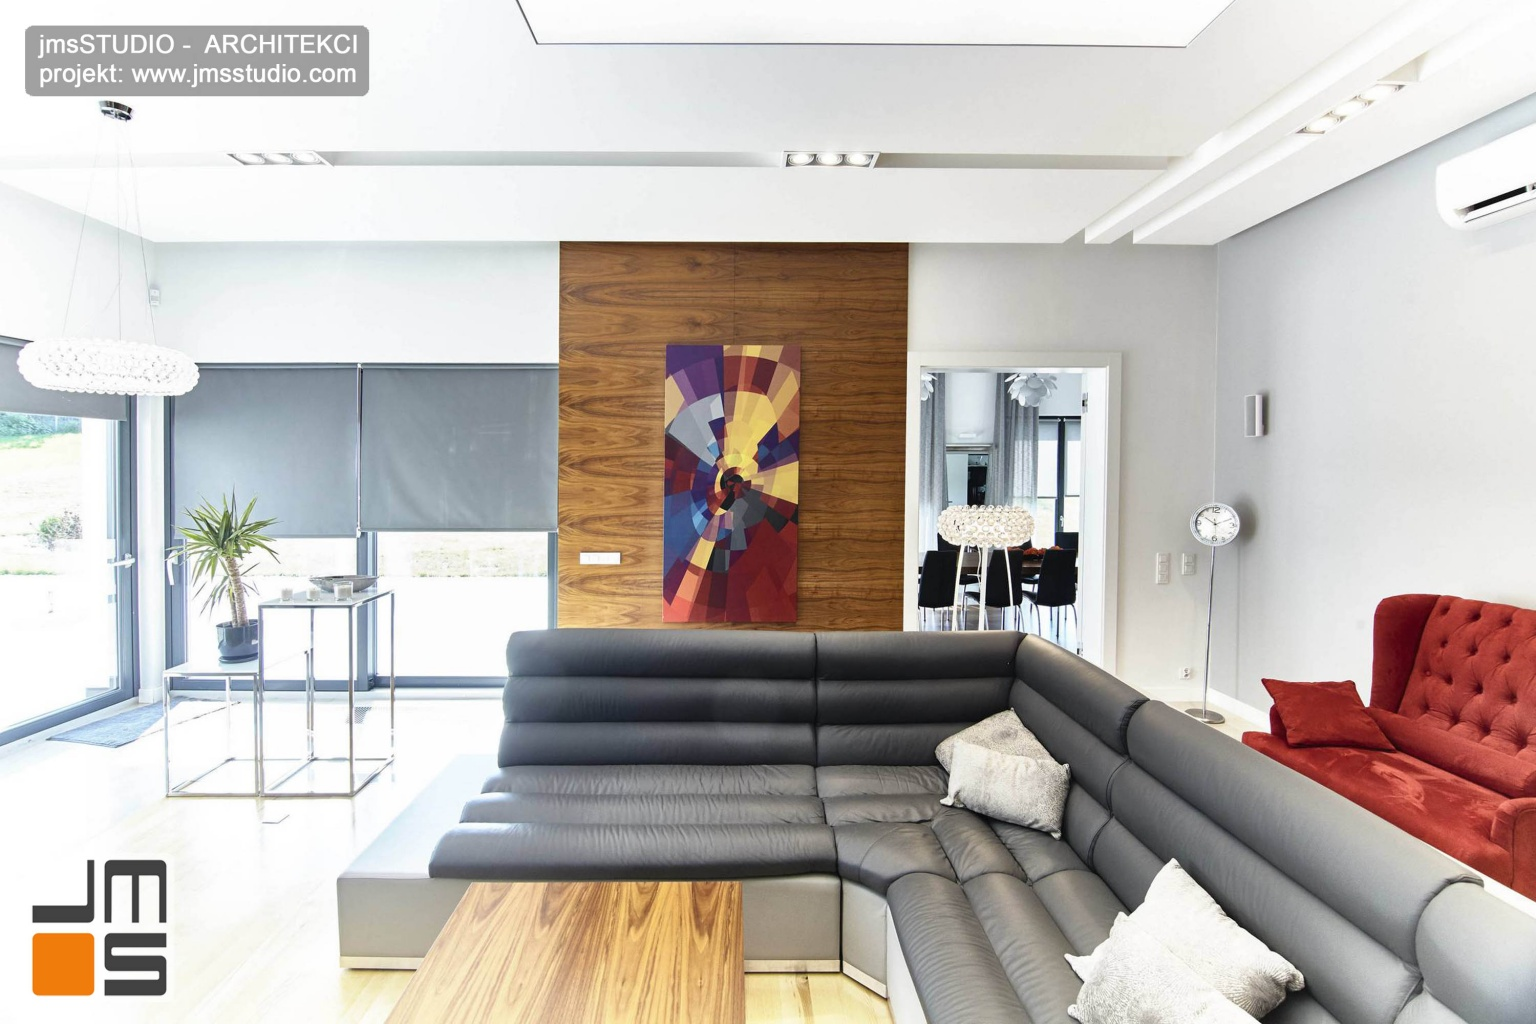 2018 06 w projekcie wnętrz dużego salonu w domu pod Poznaniem wykorzystano szarą kolorystykę z czerwonym fotelem i obrazem jako akcentami